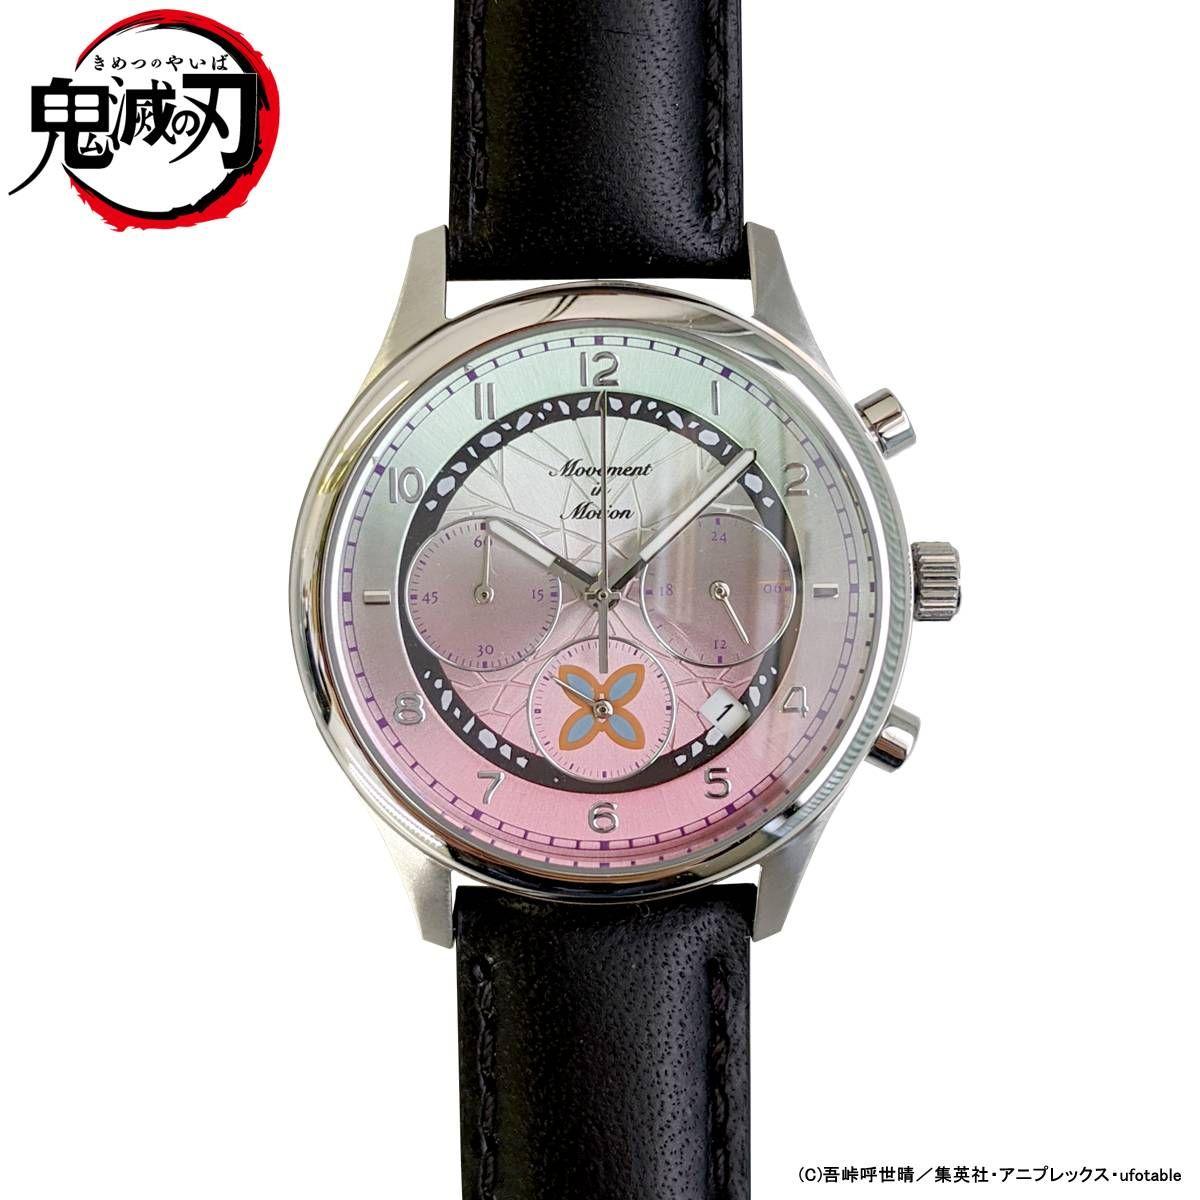 【限定販売】鬼滅の刃『TiCTACコラボレーションデザインウォッチ』腕時計-008